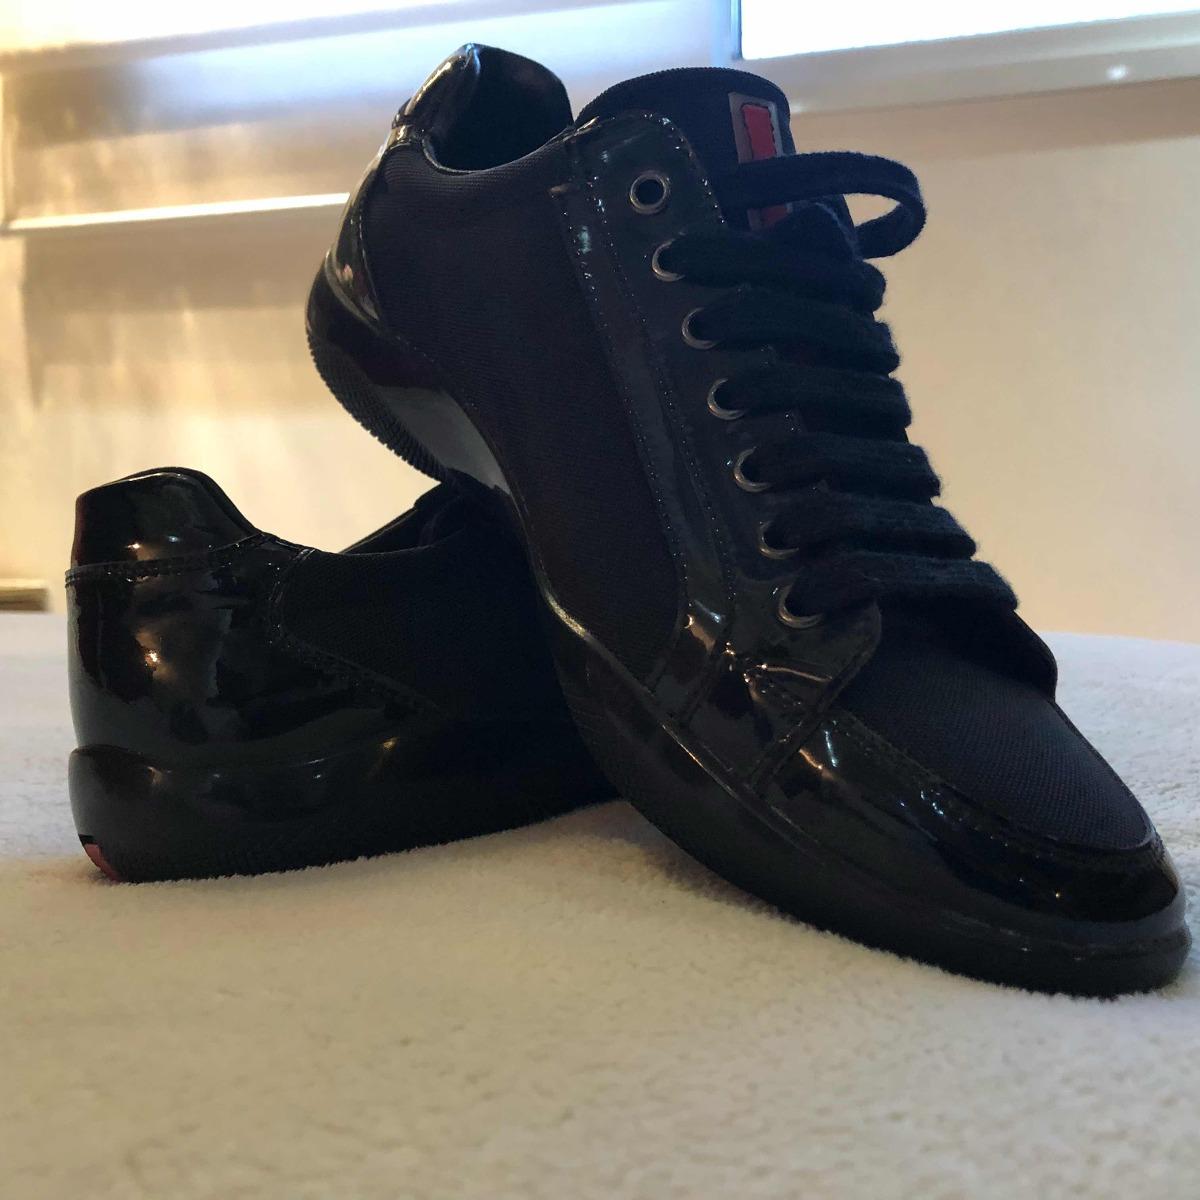 a836f5a4ddb25 Sapato Masculino Prada Original - R  1.000,00 em Mercado Livre